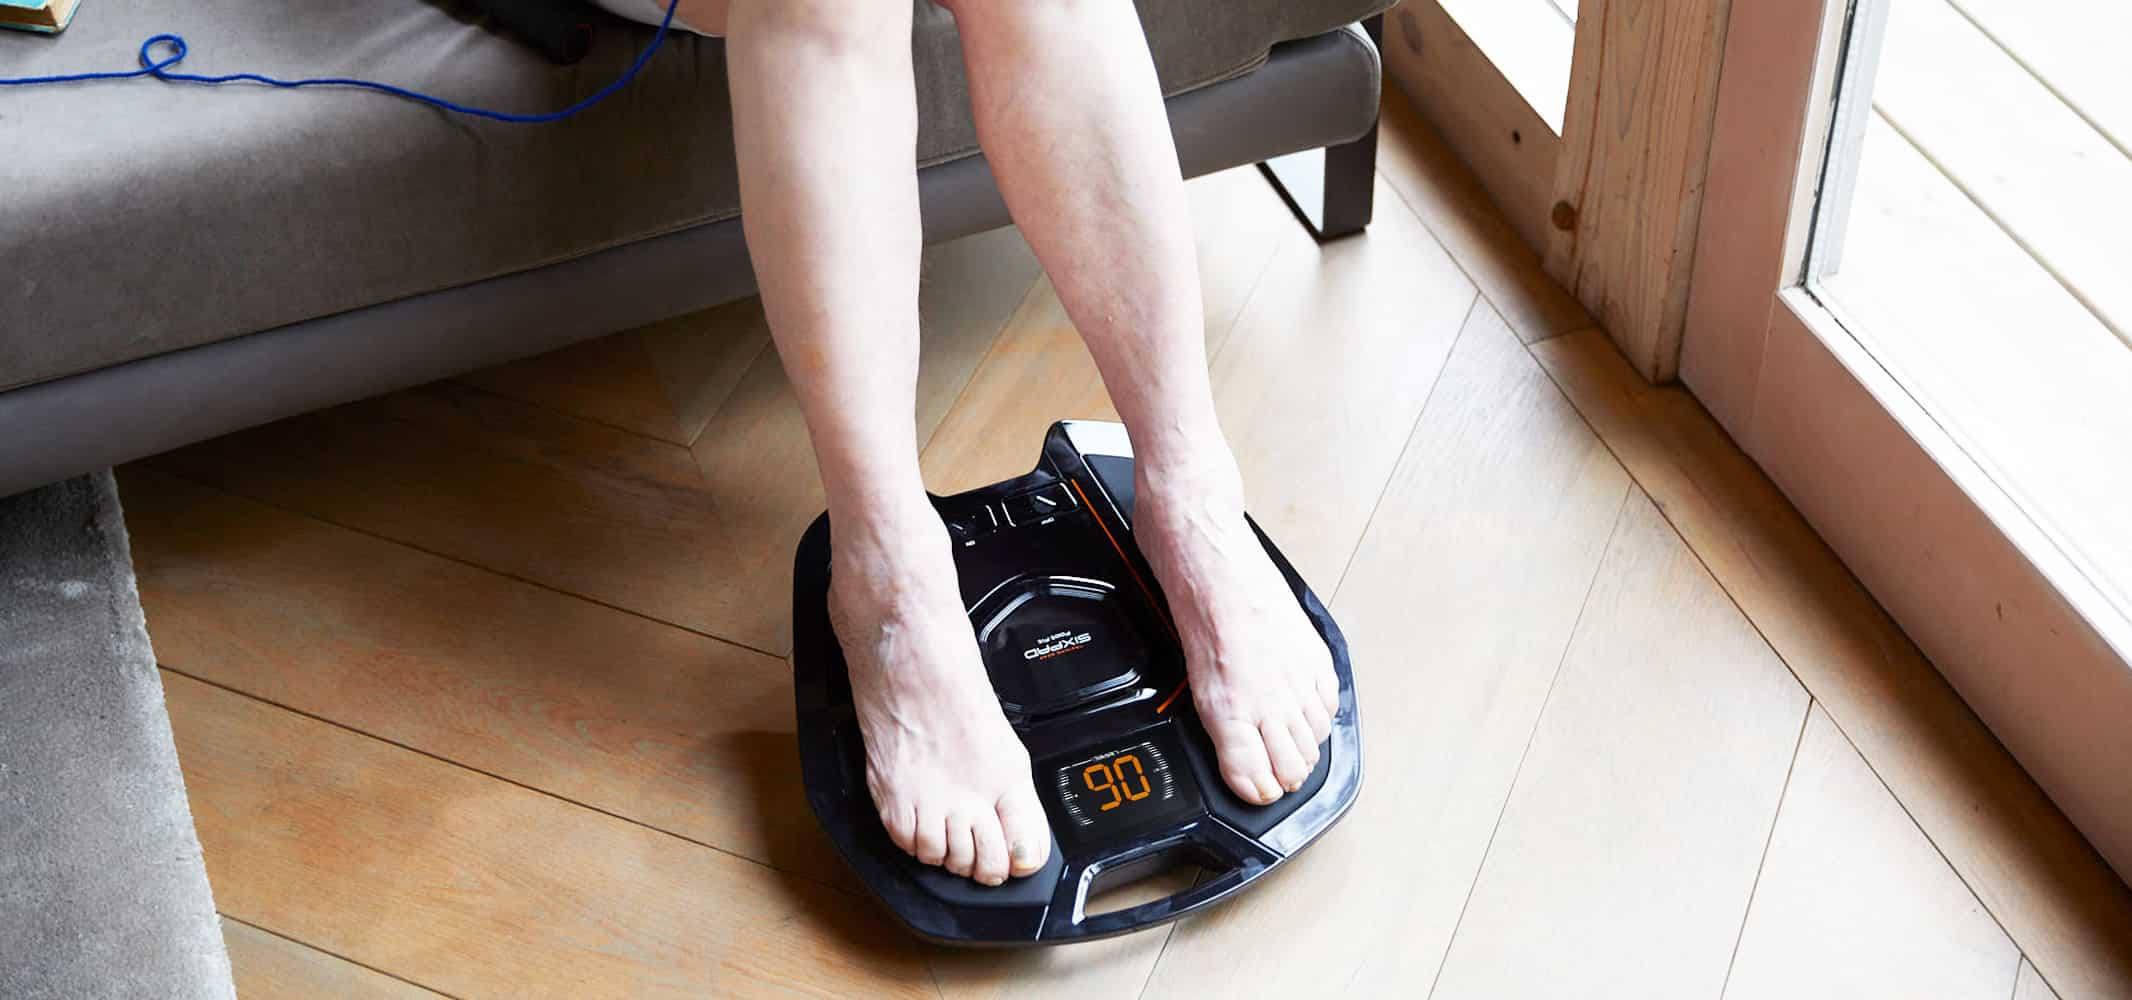 ふくらはぎから足裏、歩行を支える筋肉にアプローチするSIXPAD Foot Fit(フットフィット)